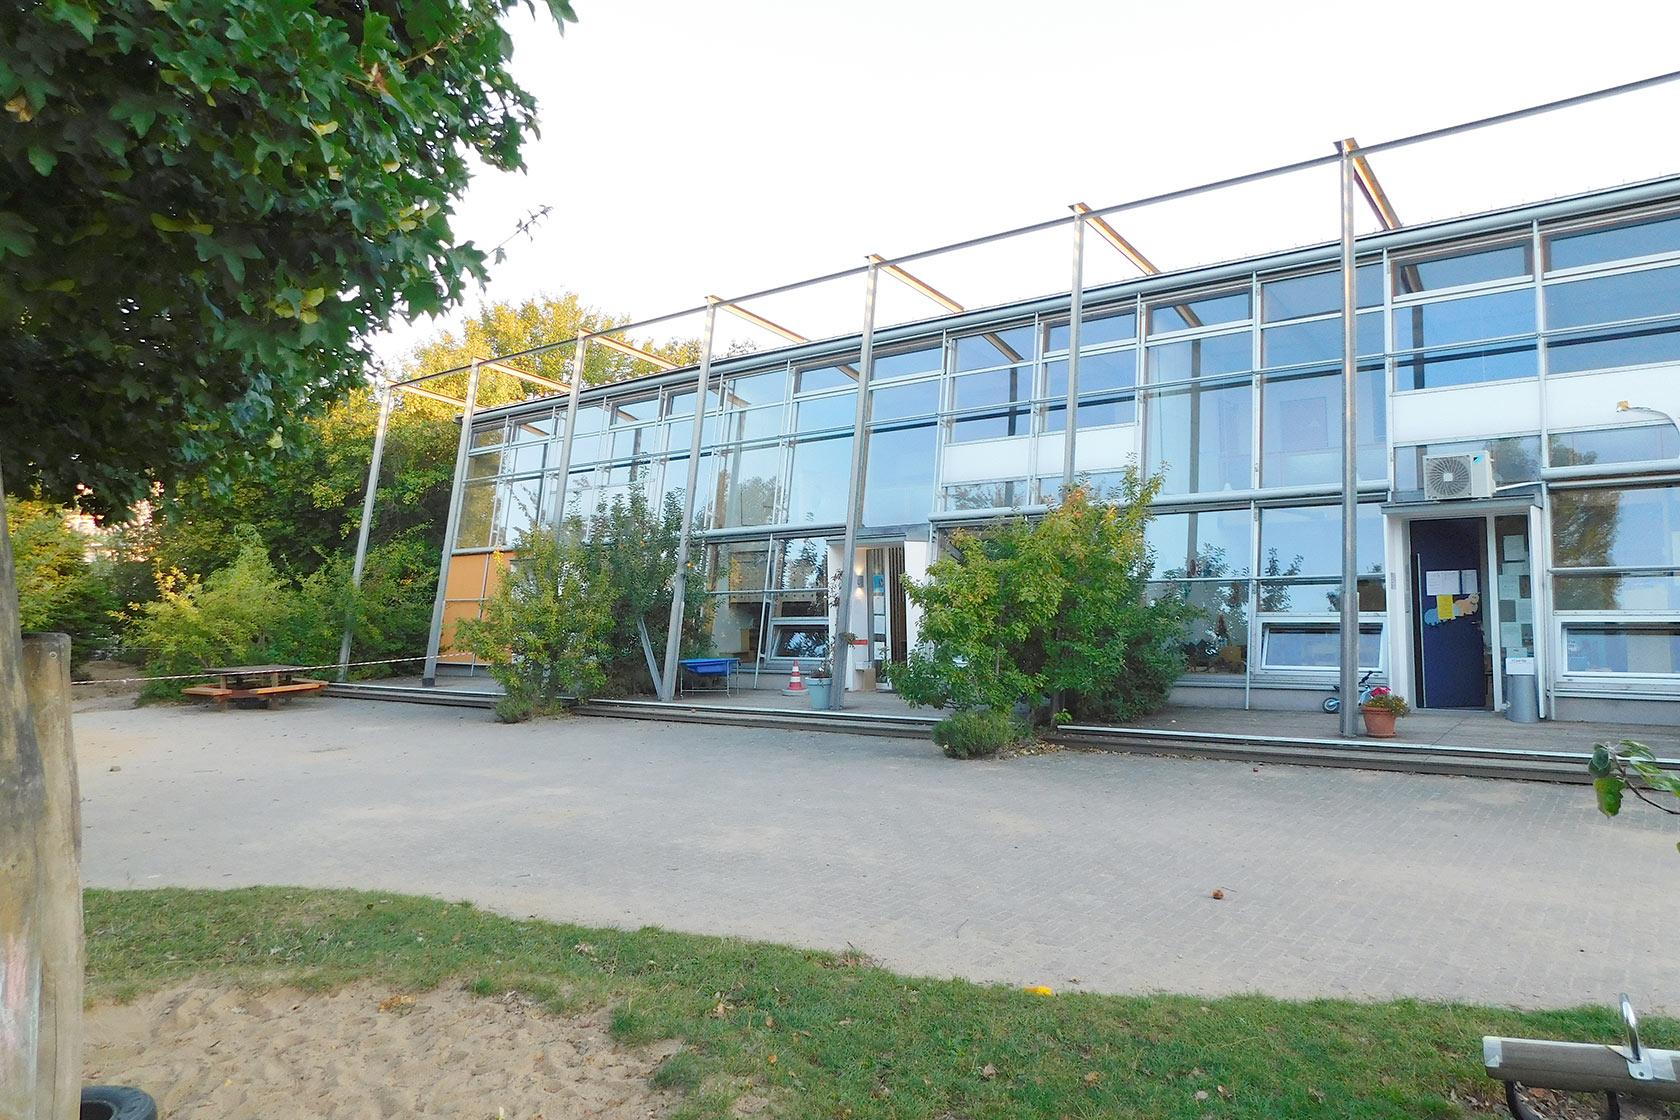 Johanniter-Kindertagesstätte Erkelenz in der Gartenansicht mit einer großen verglasten Fläche